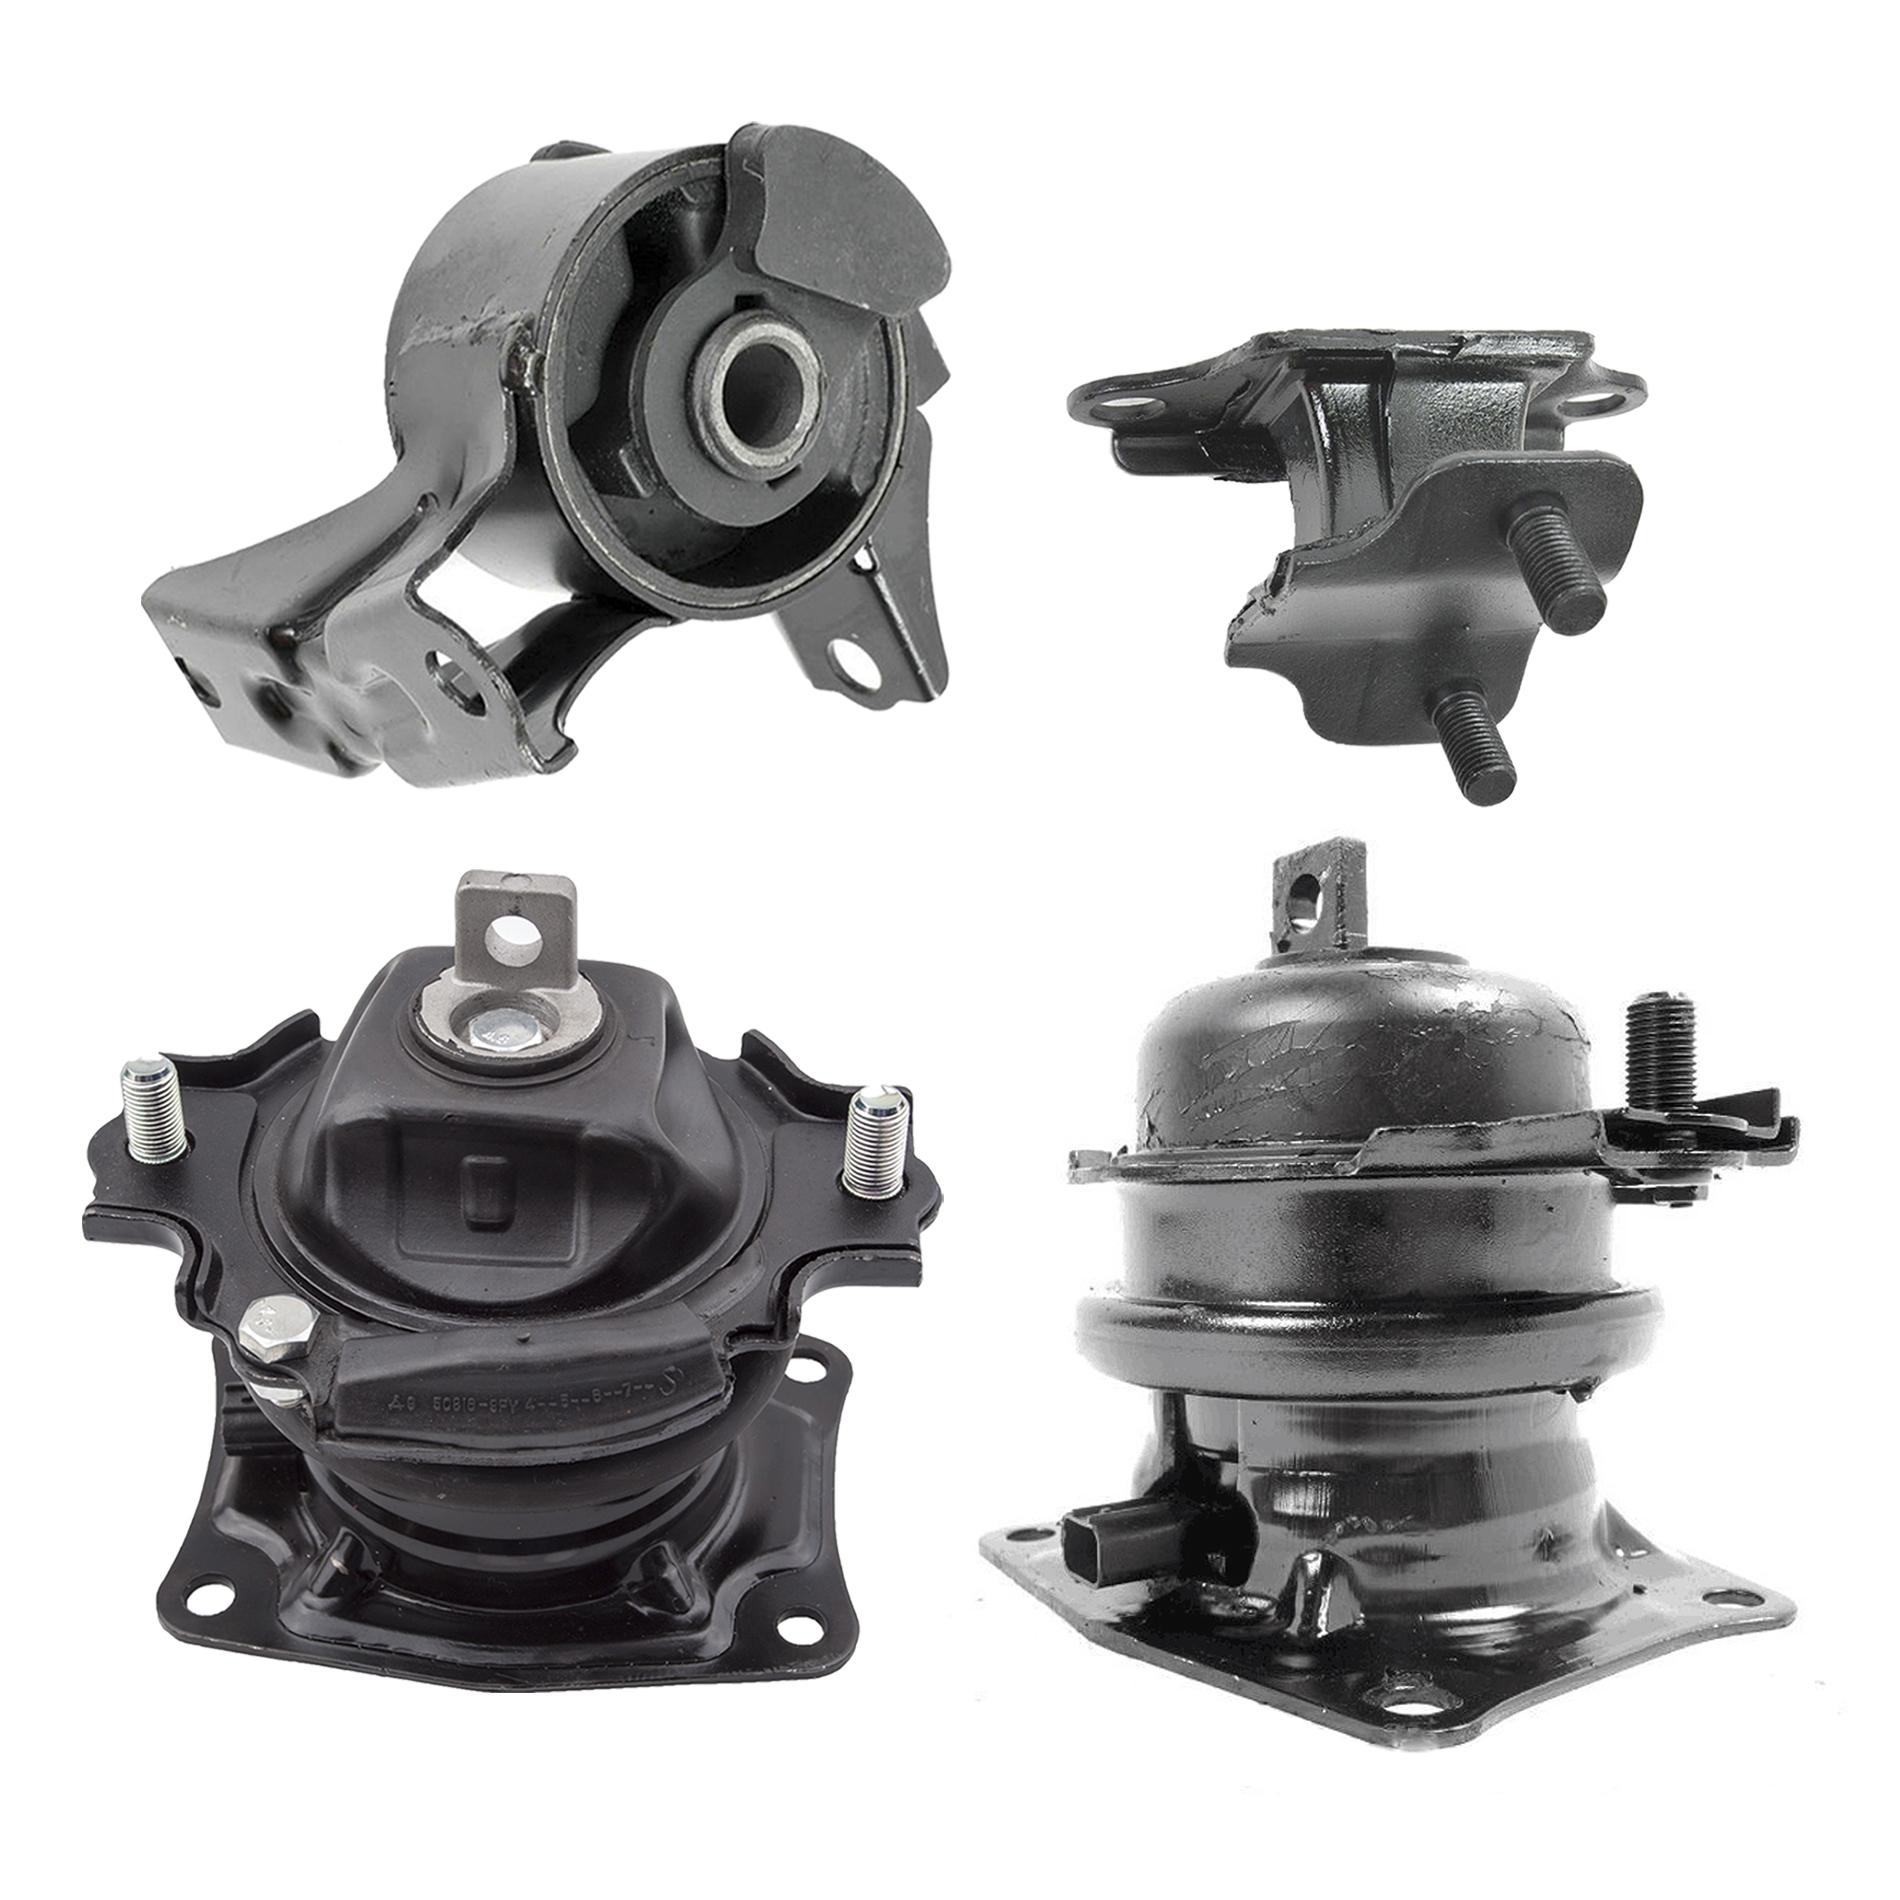 Motor Mounts /& Trans Mount 4PCS Set for 11-16 Honda Odyssey iVTEC 3.5L 6 Spds